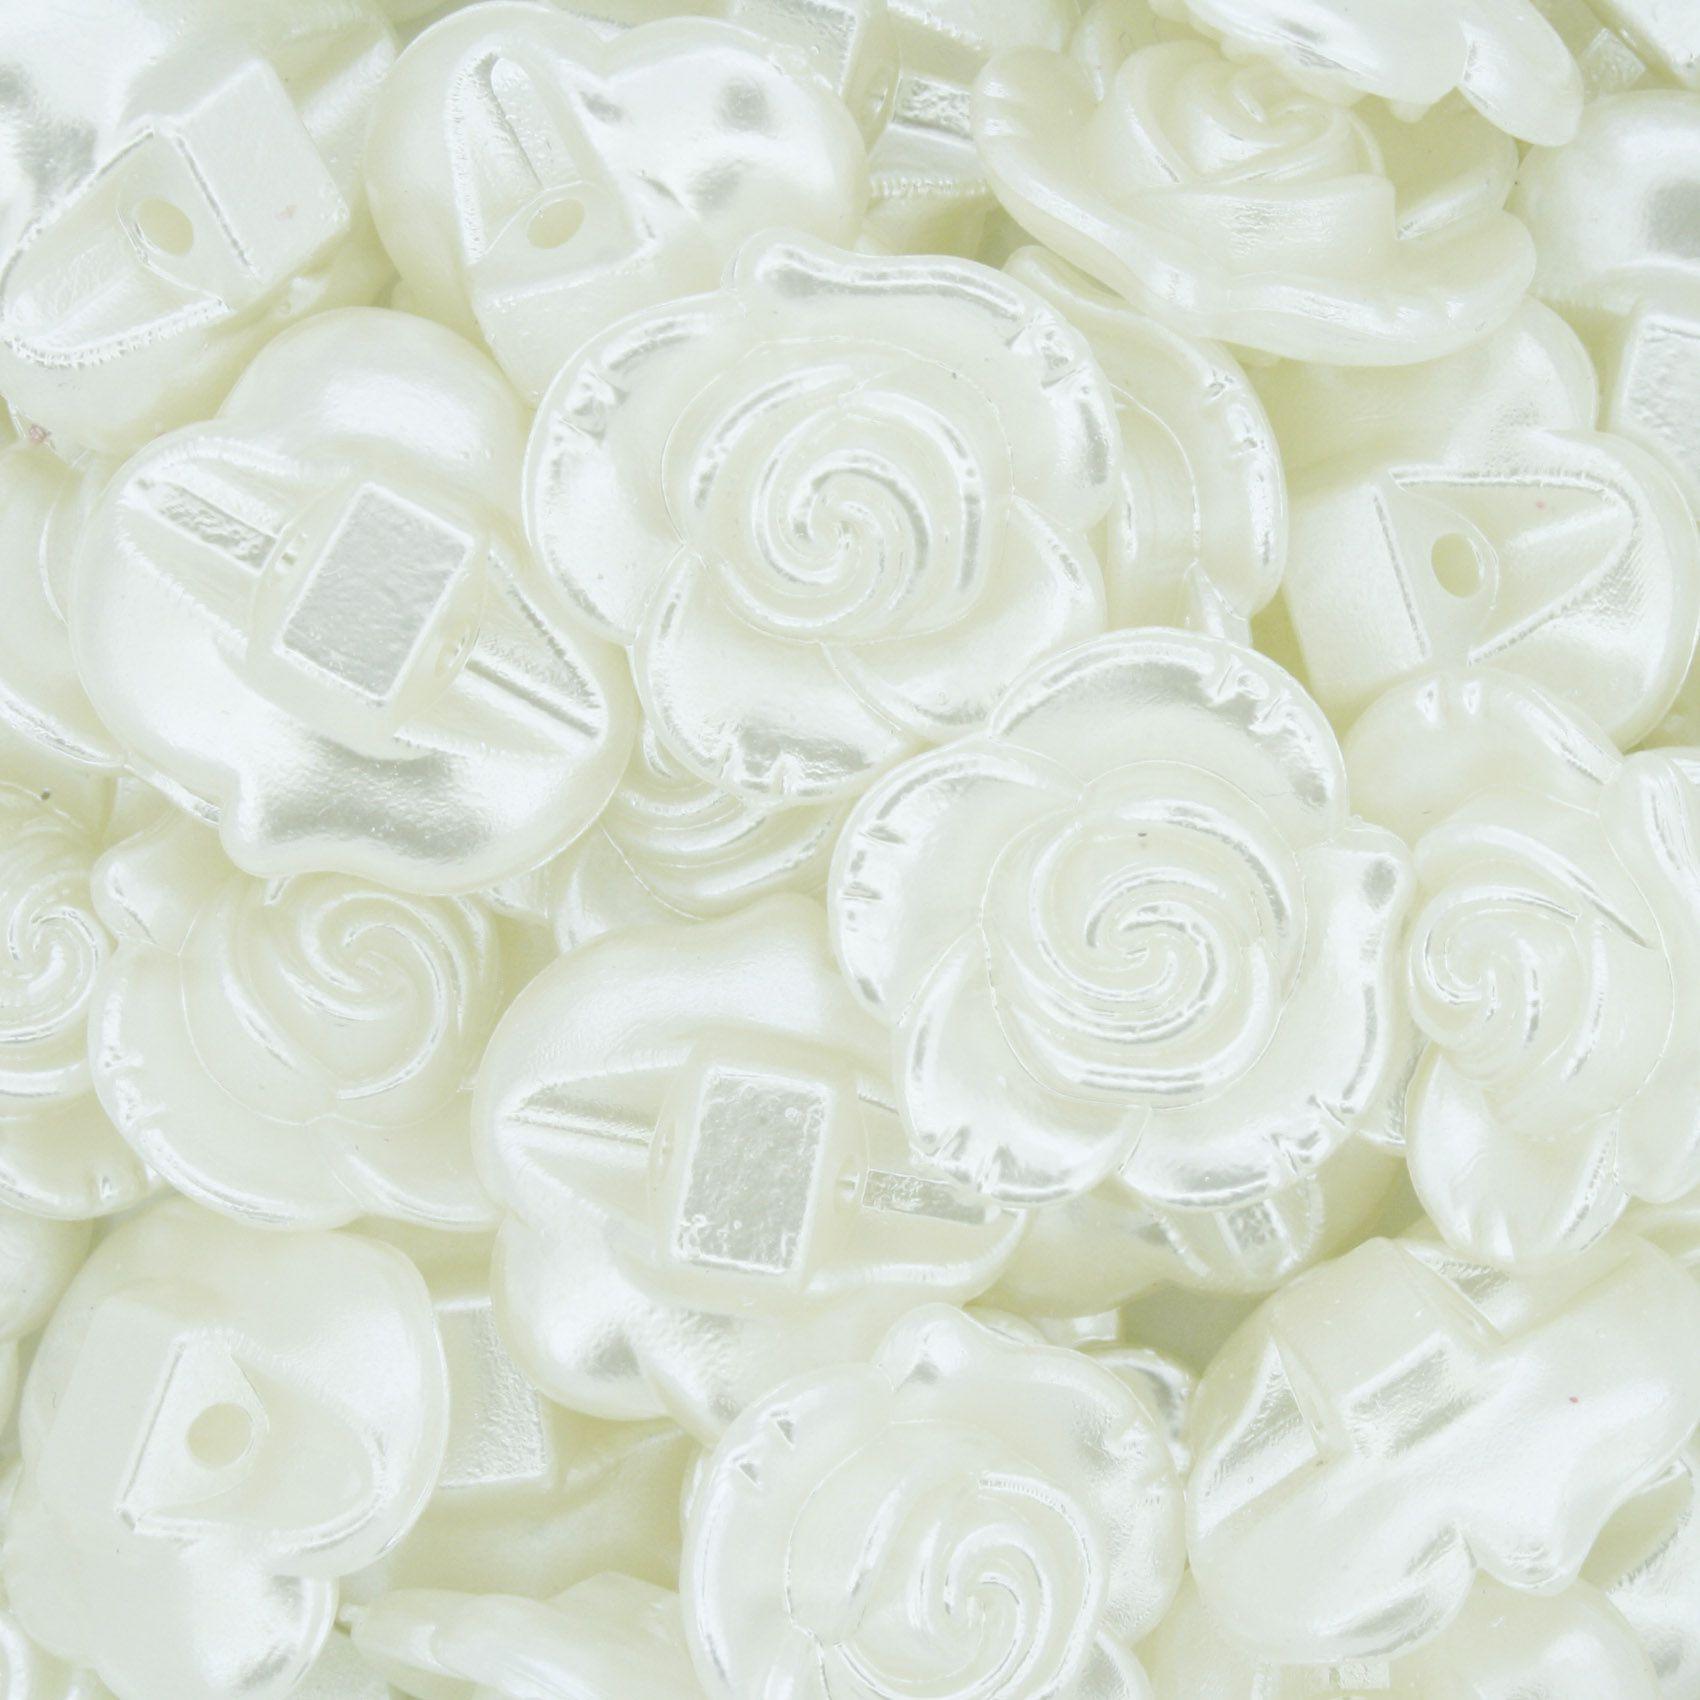 Flor de Pérola - Creme - 18mm  - Stéphanie Bijoux® - Peças para Bijuterias e Artesanato